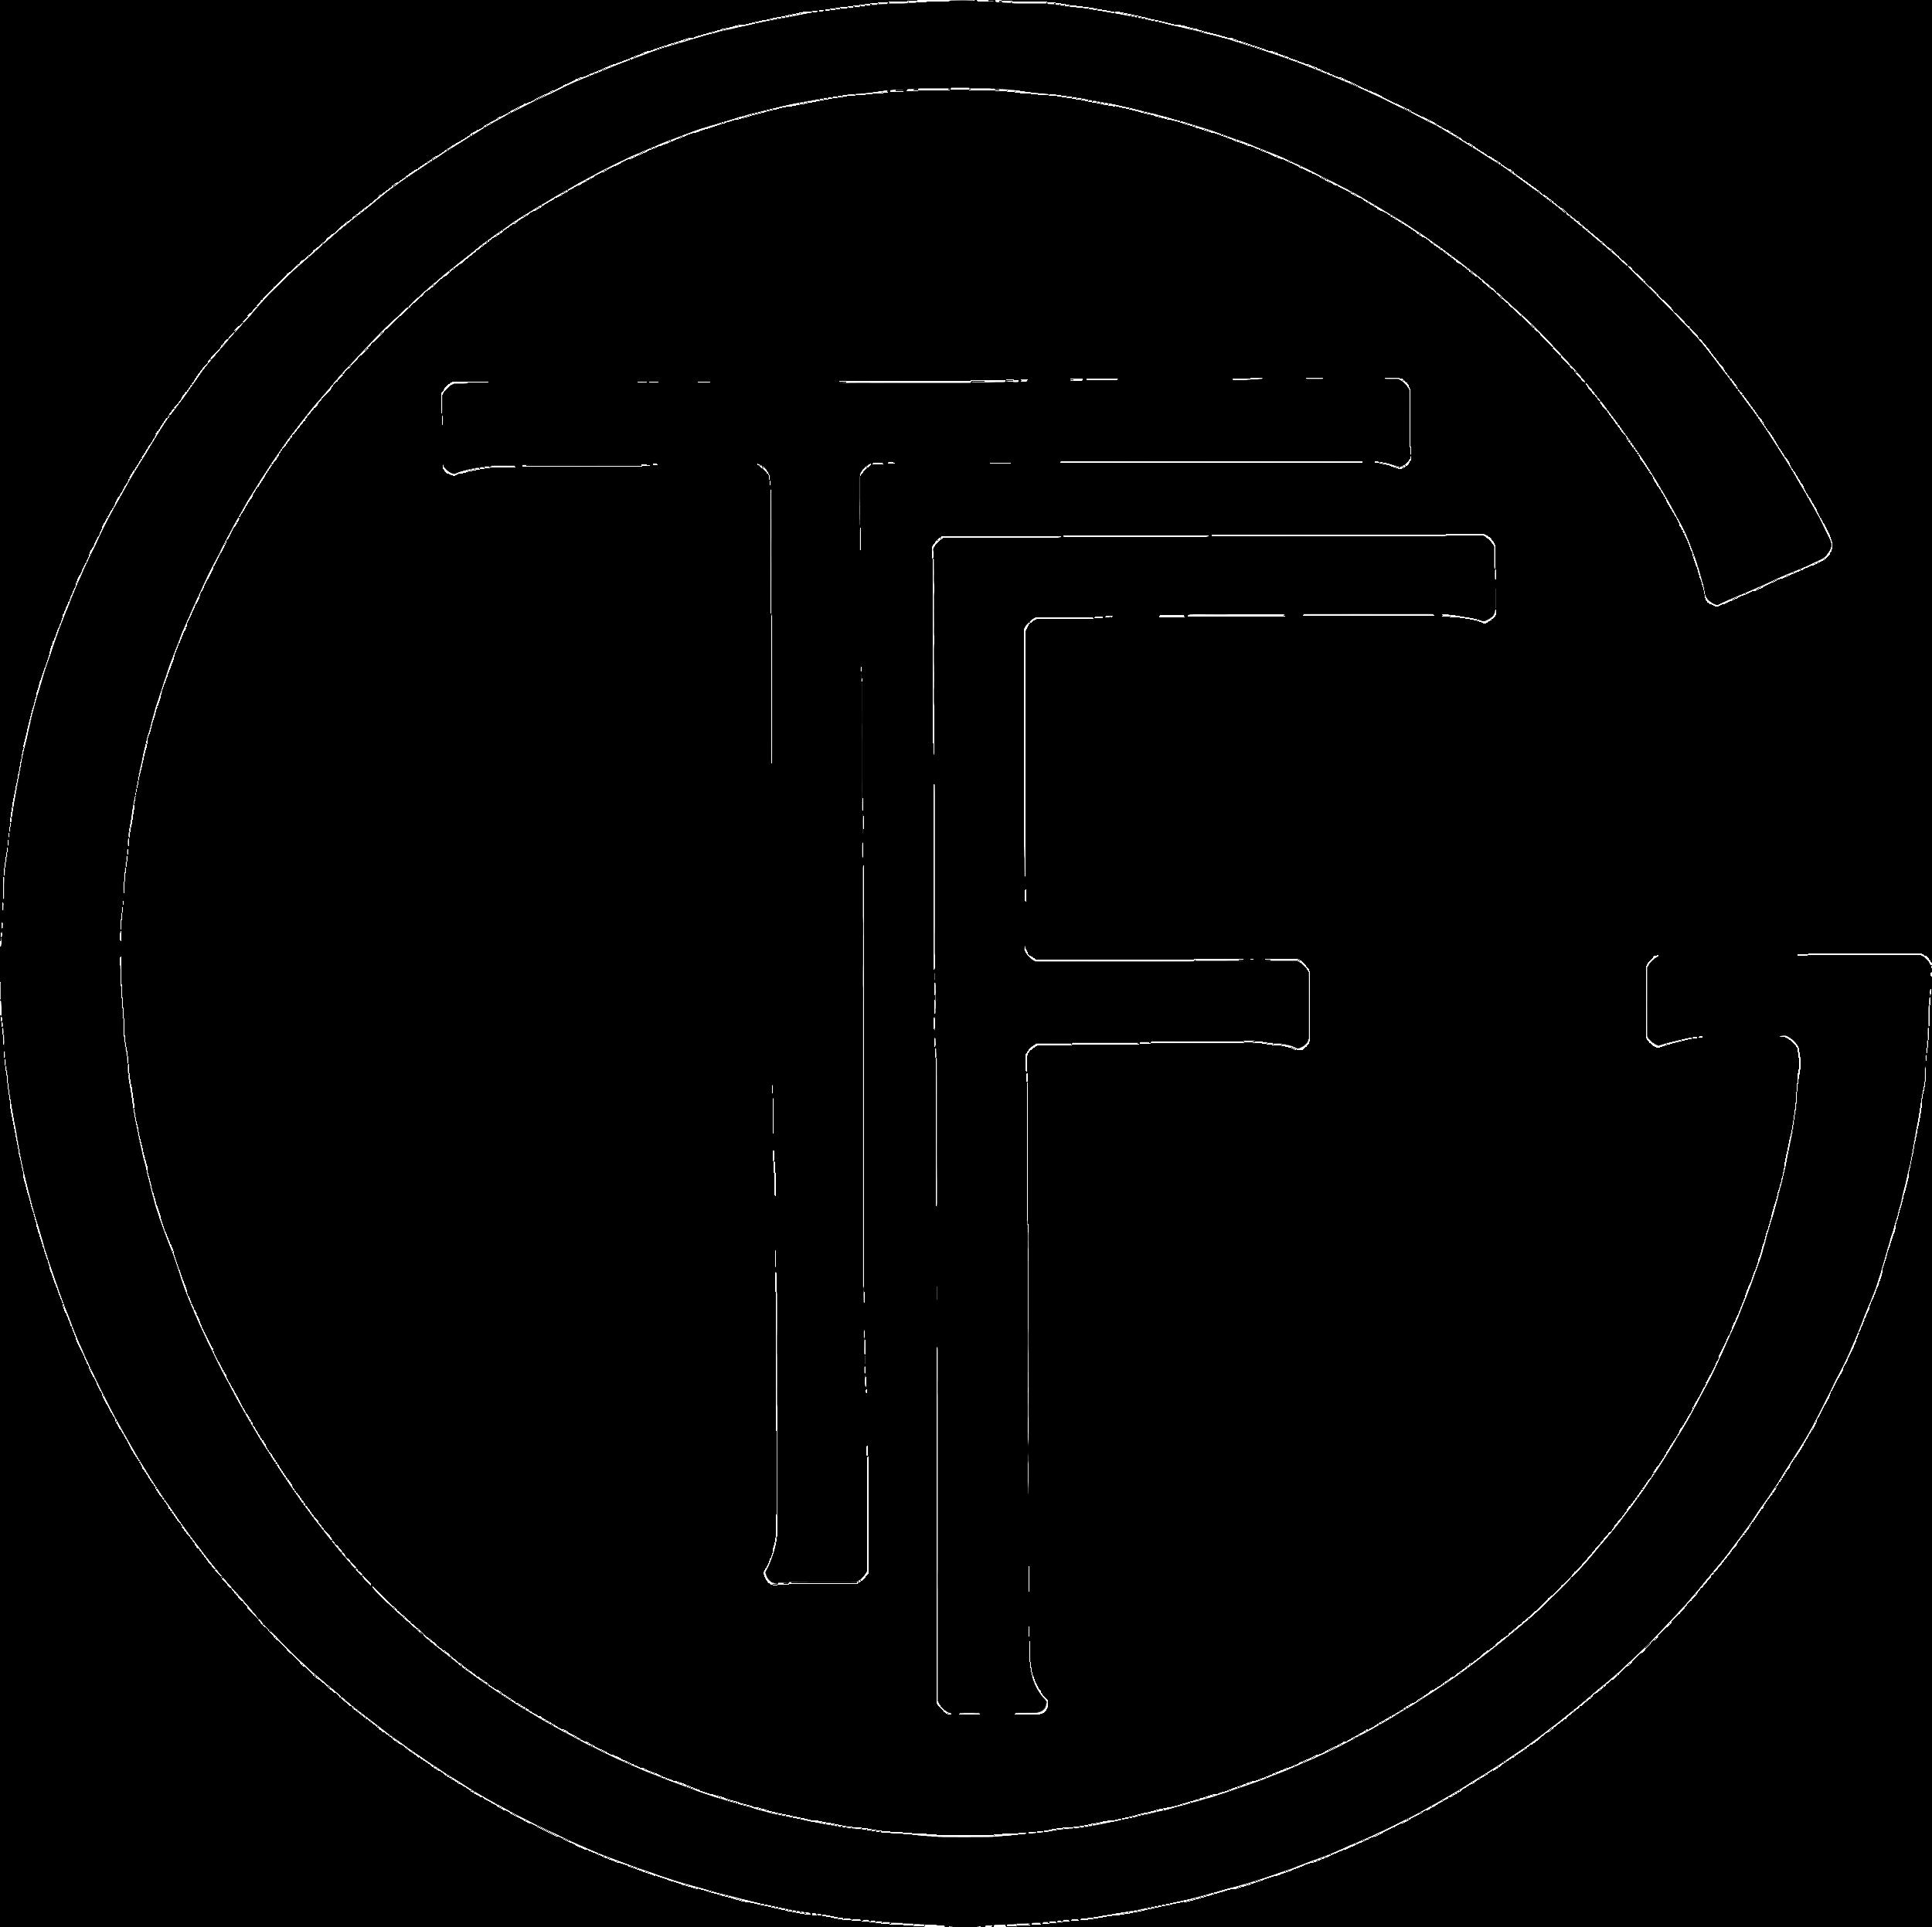 tfg-logo_black.png